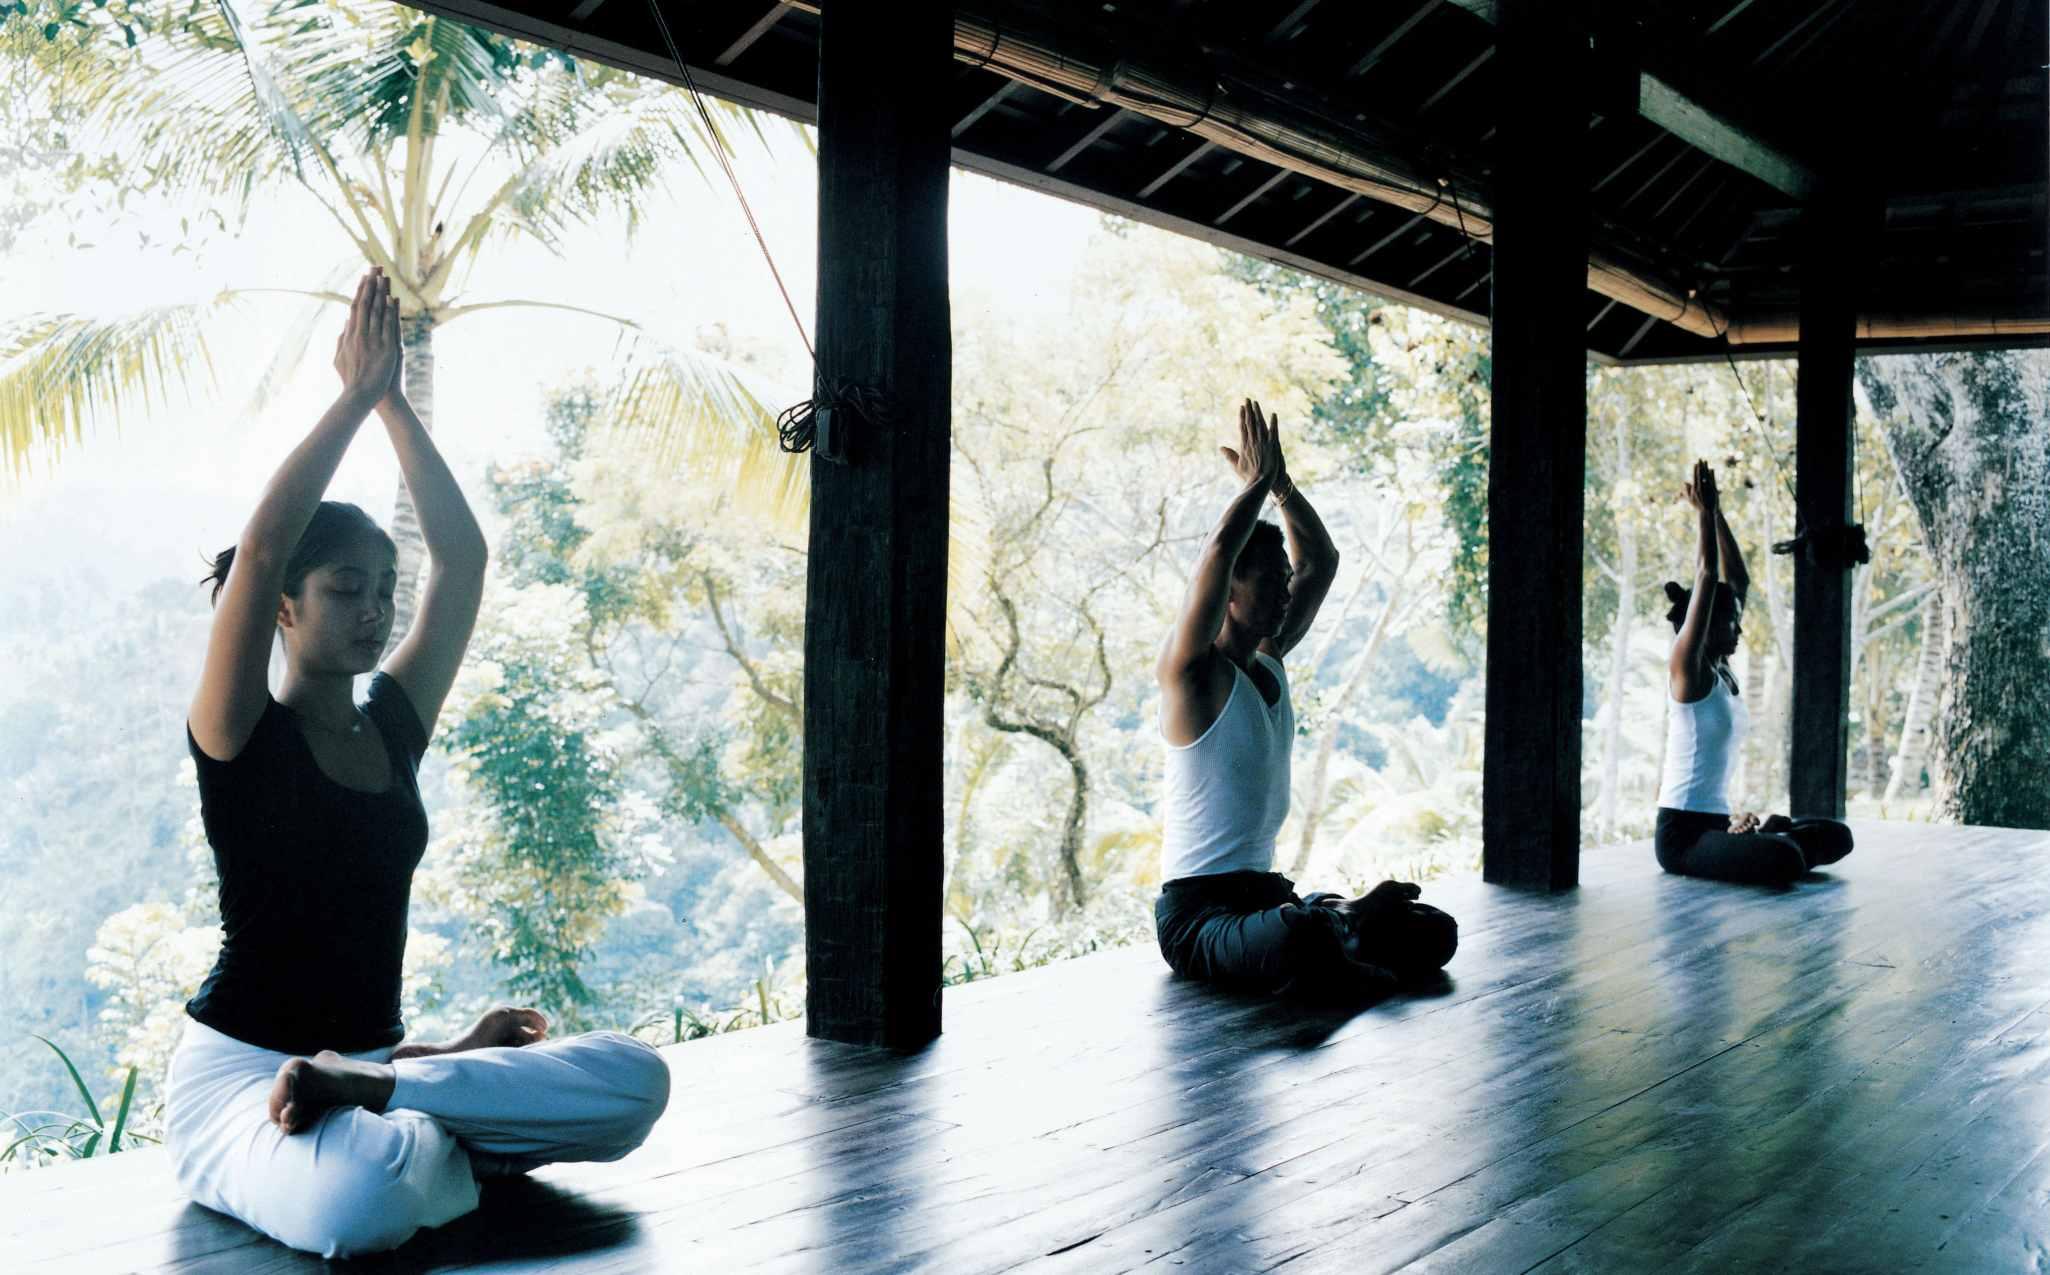 Como Shambhala Estate Group Yoga